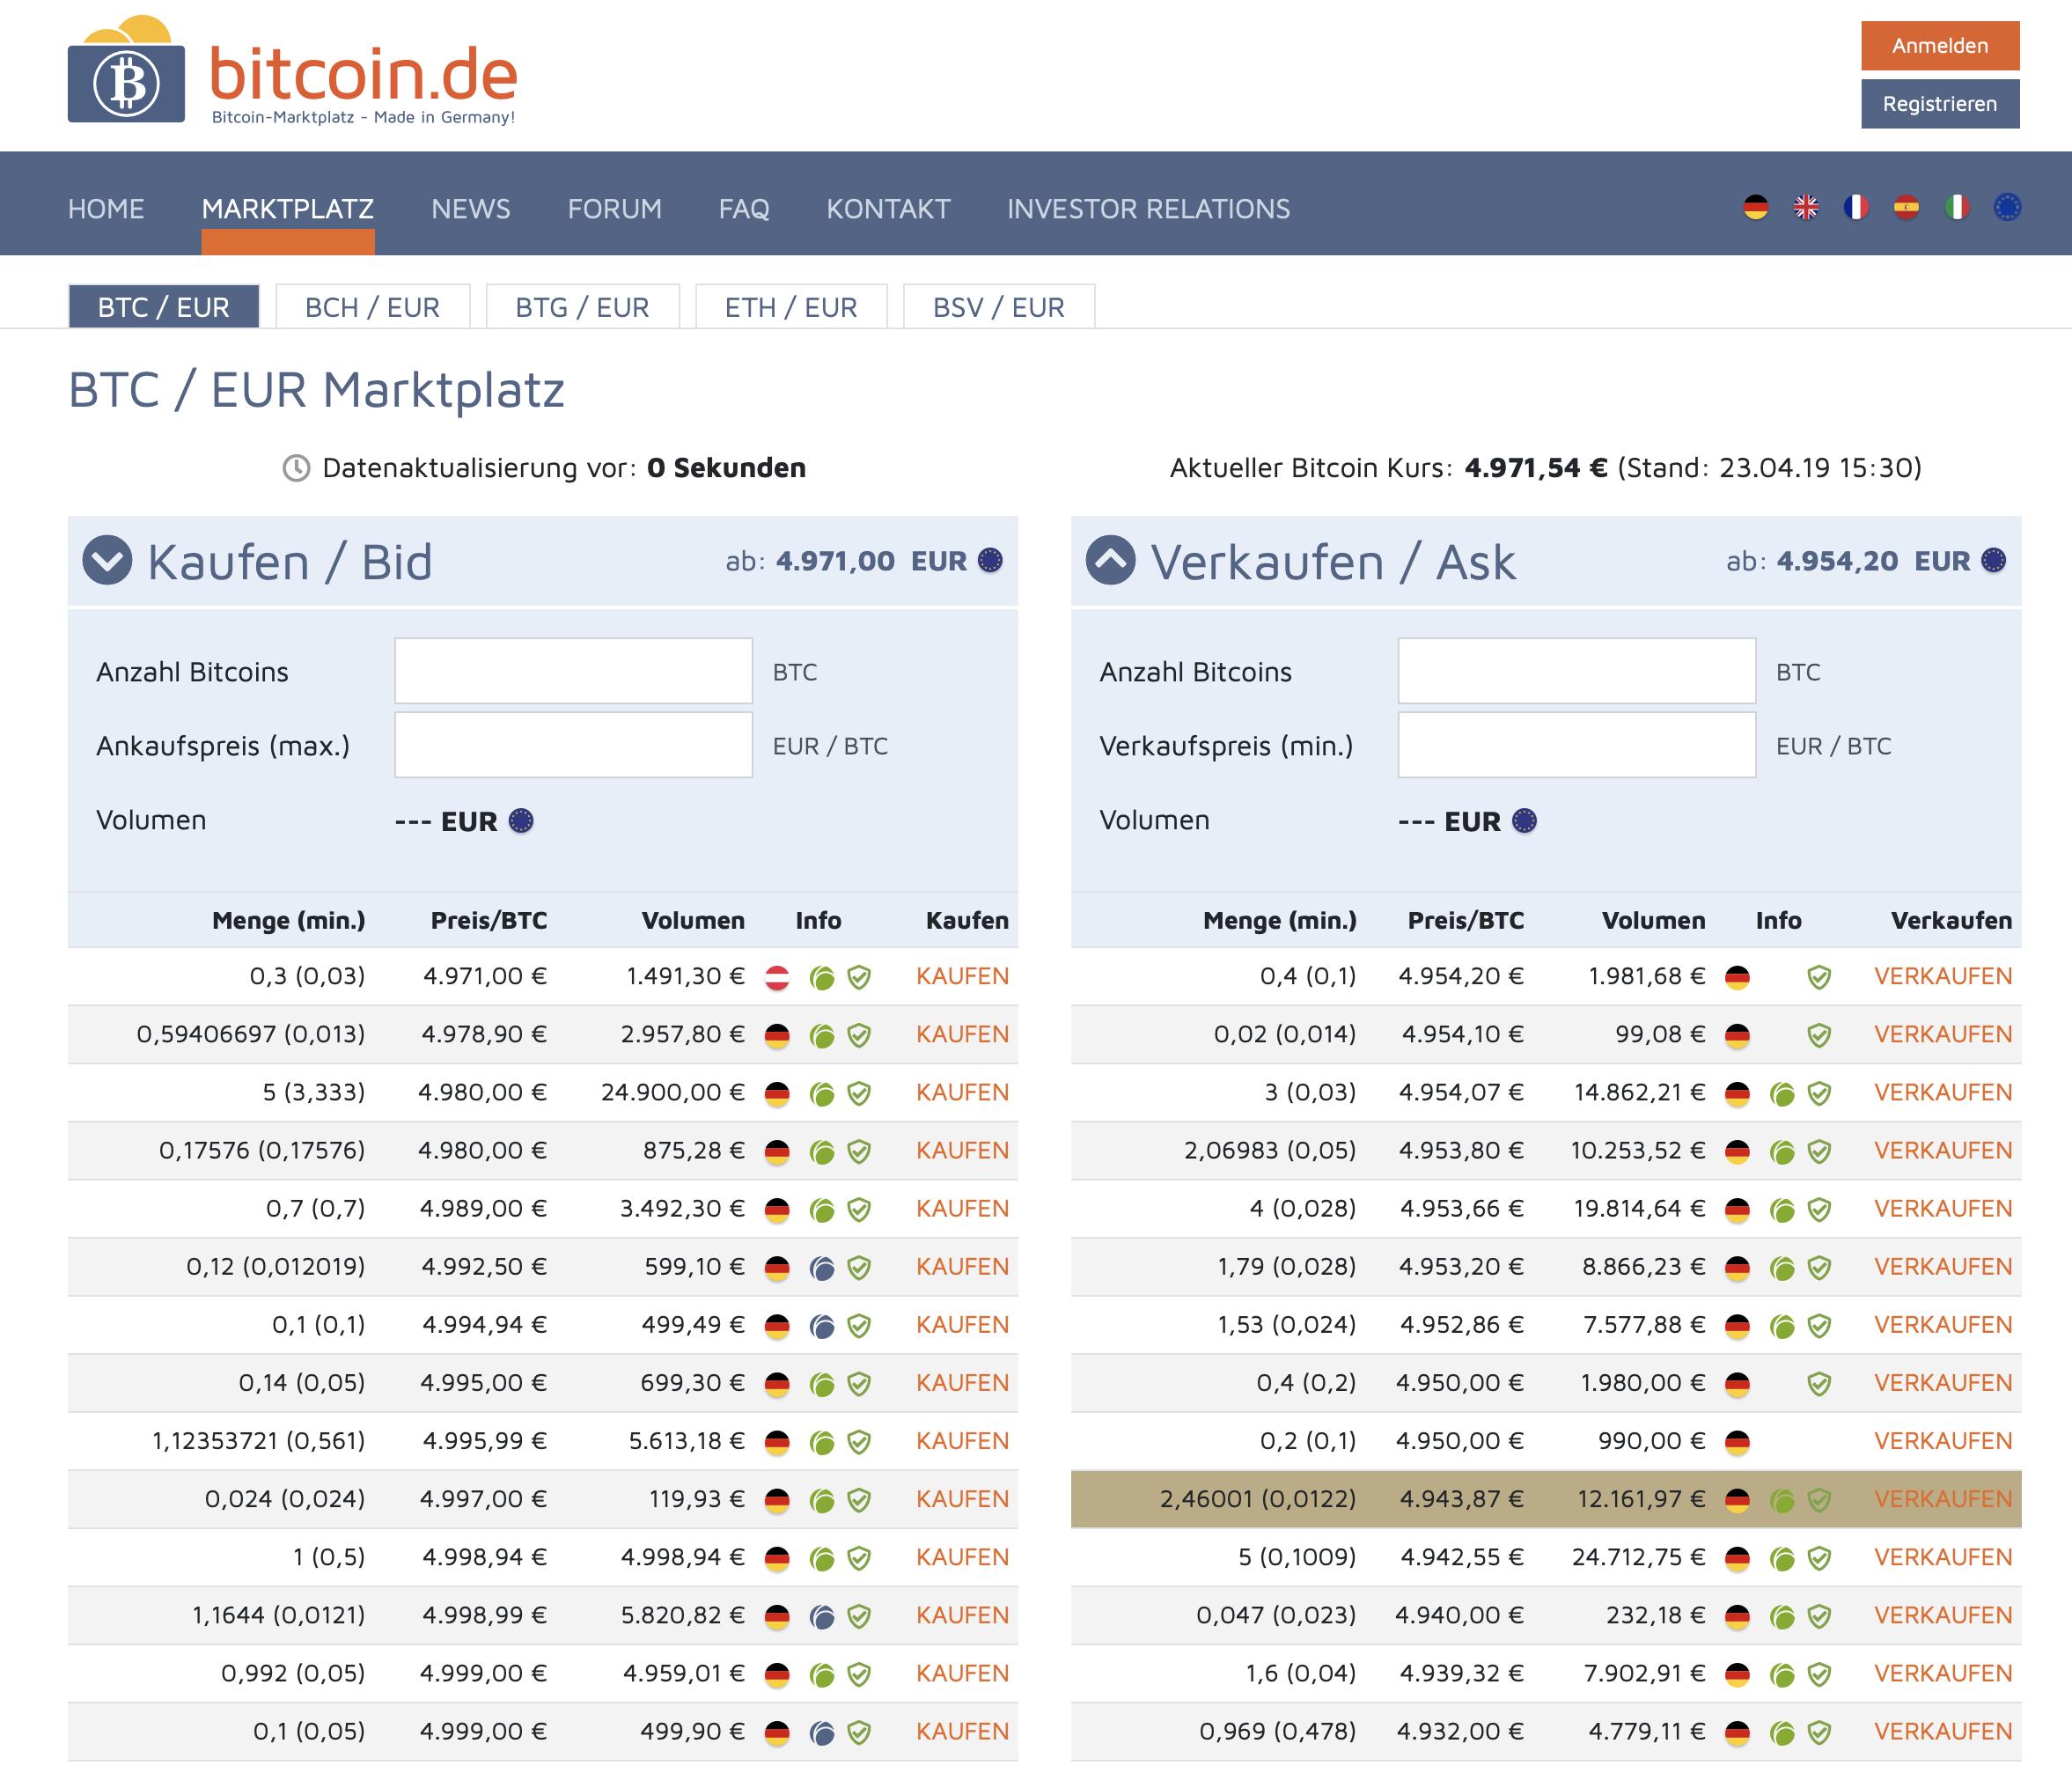 Bitcoin.De ExpreГџhandel